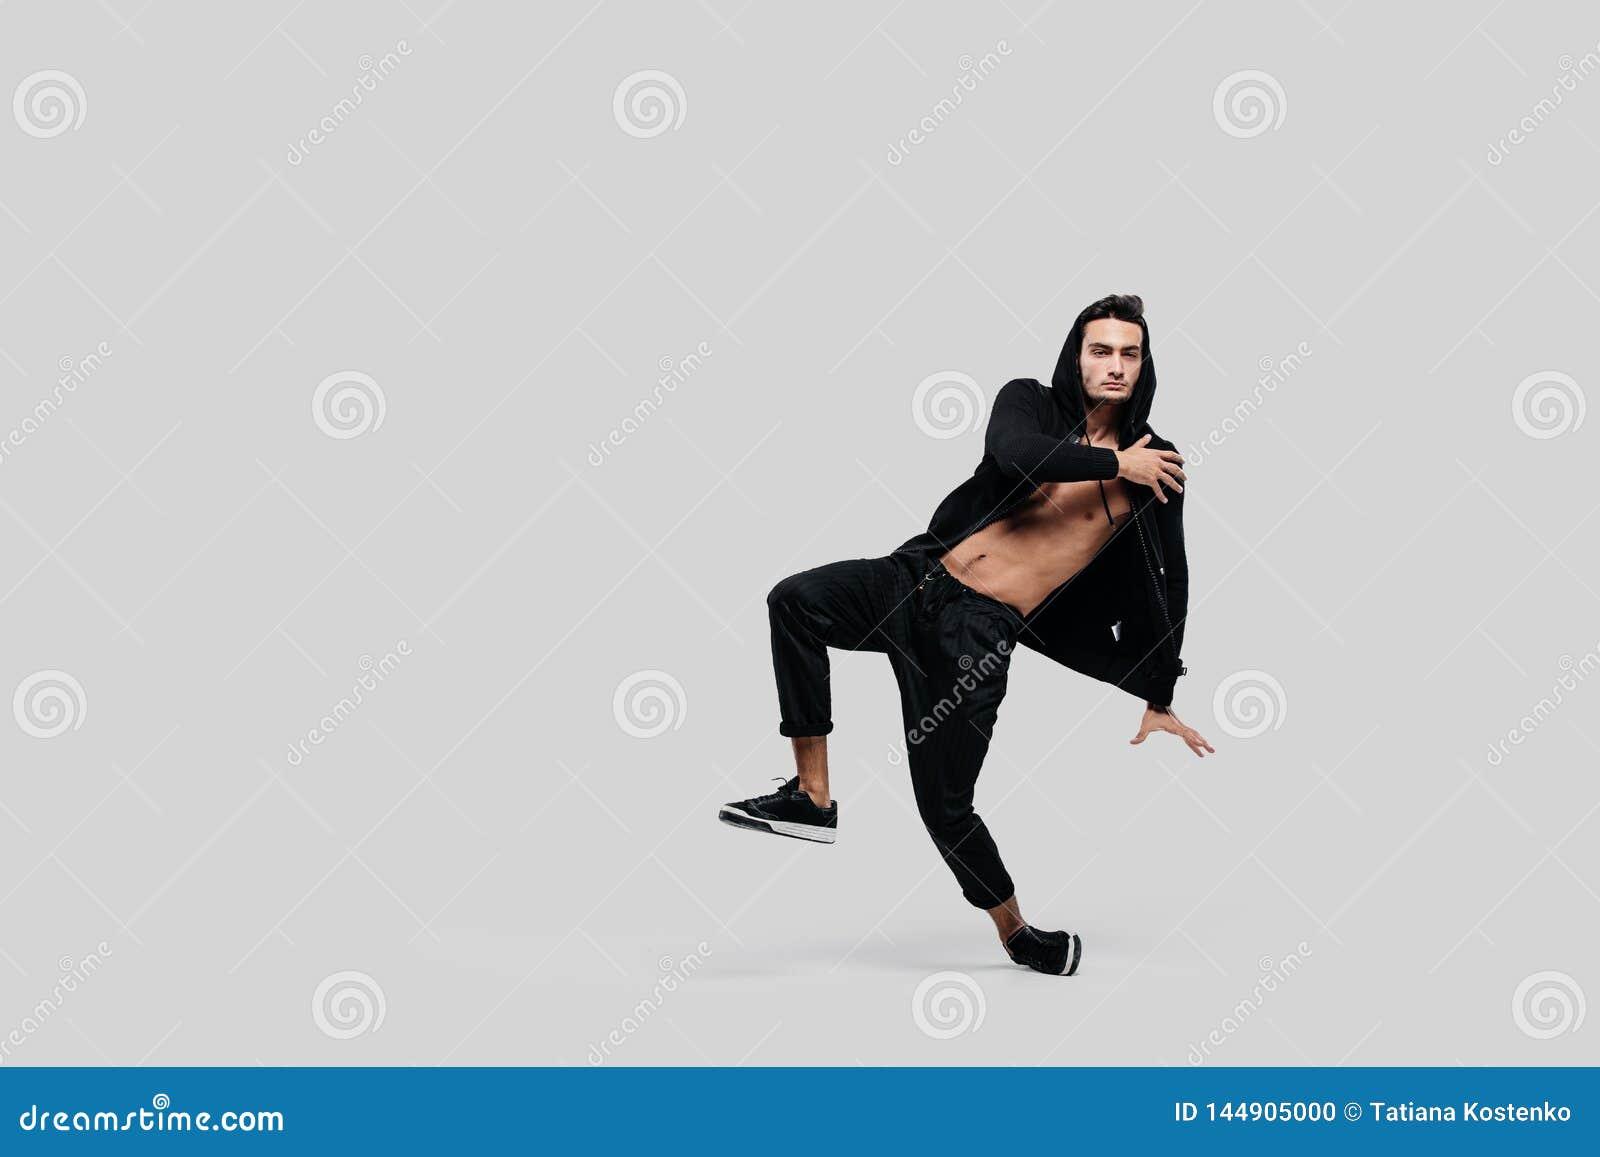 Przystojny m?ody tancerz uliczny taniec ubiera? w czarnych spodniach, bluzie sportowej na nagiej p??postaci i kapiszonu tanach na